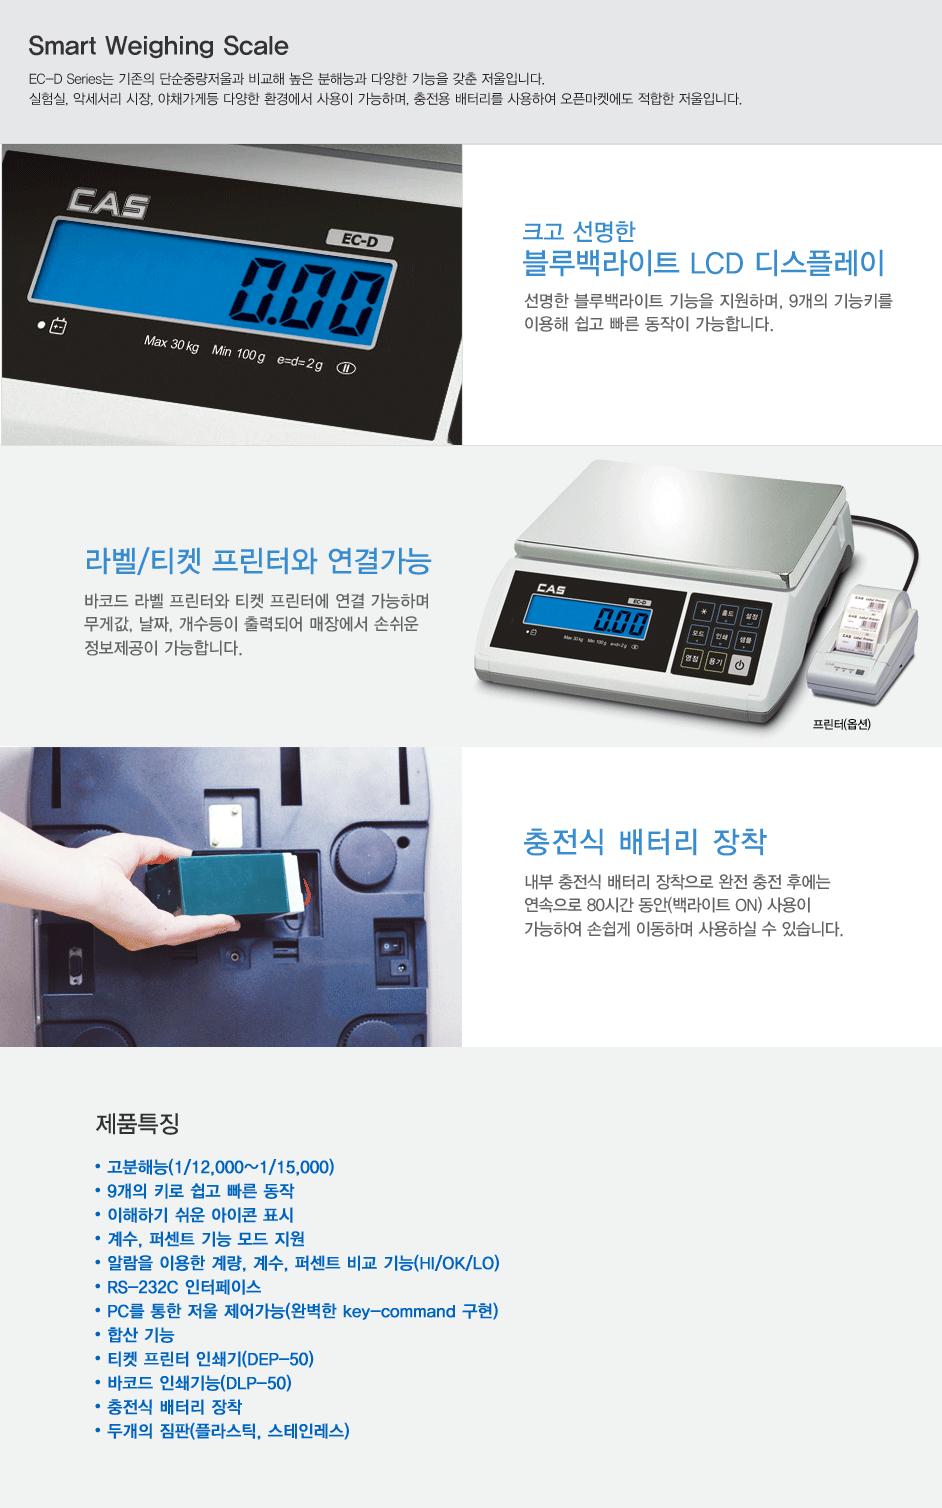 카스 단순 중량 저울 (Smart Weighing Scale) EC-D